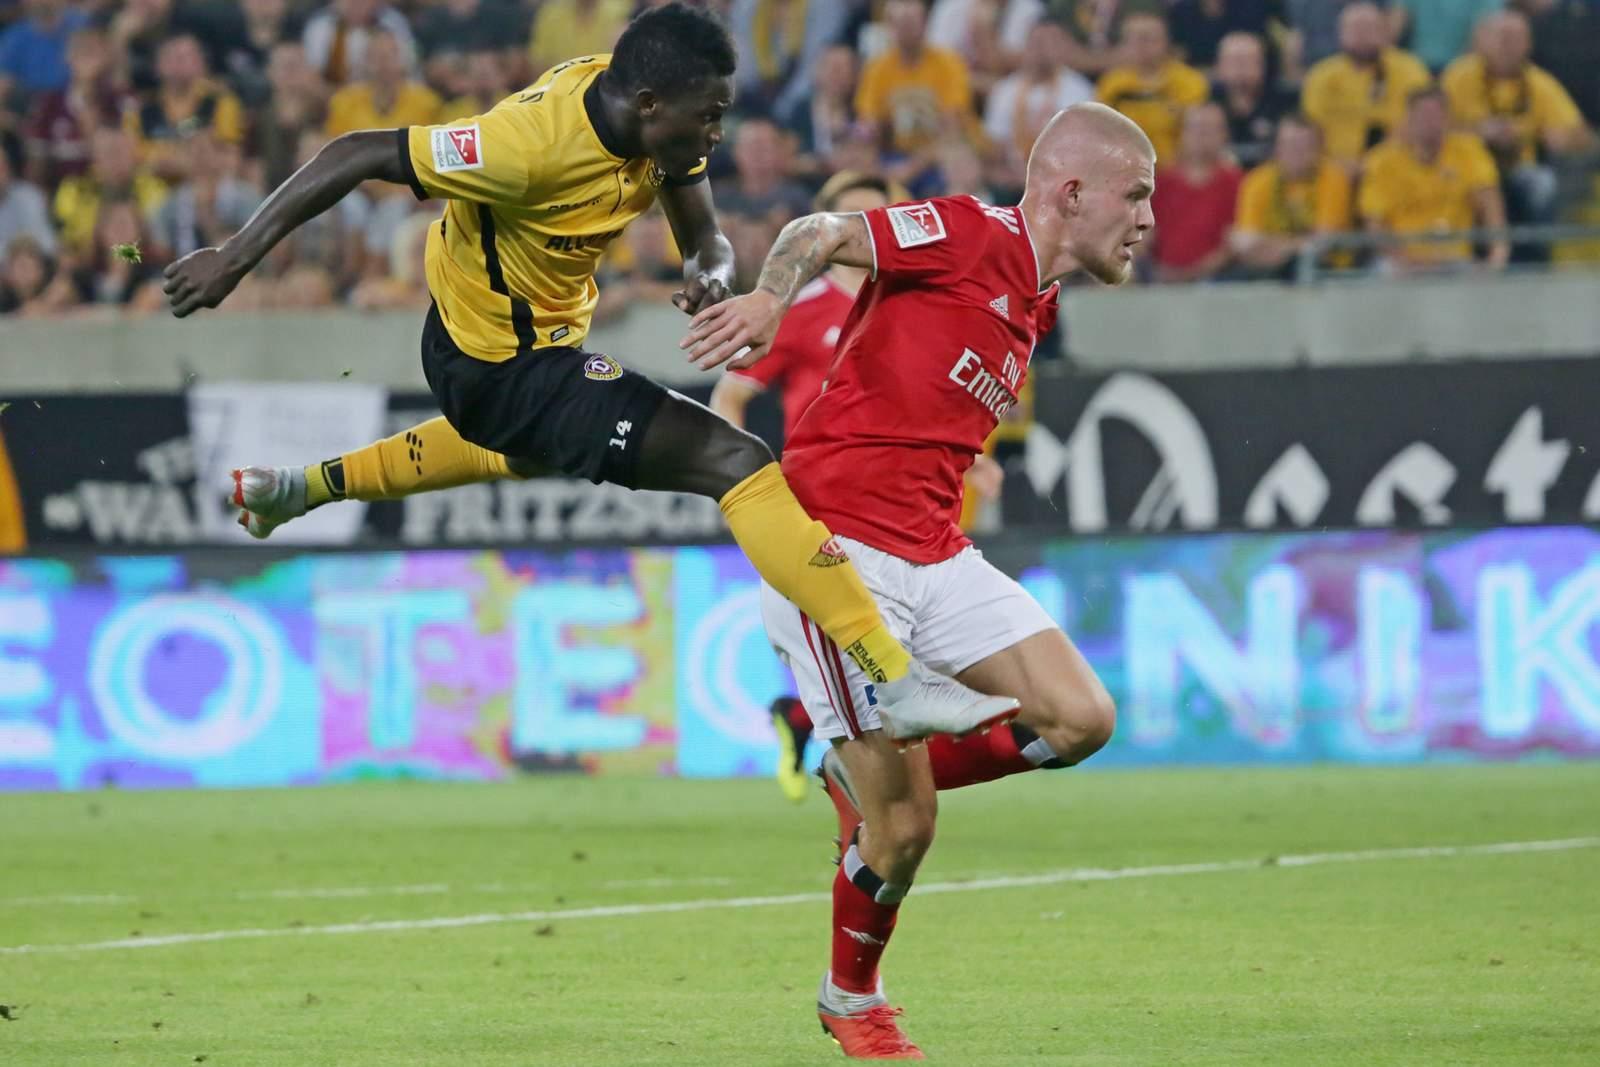 Setzt sich Kone gegen van Drongelen durch? Jetzt auf HSV gegen Dynamo wetten